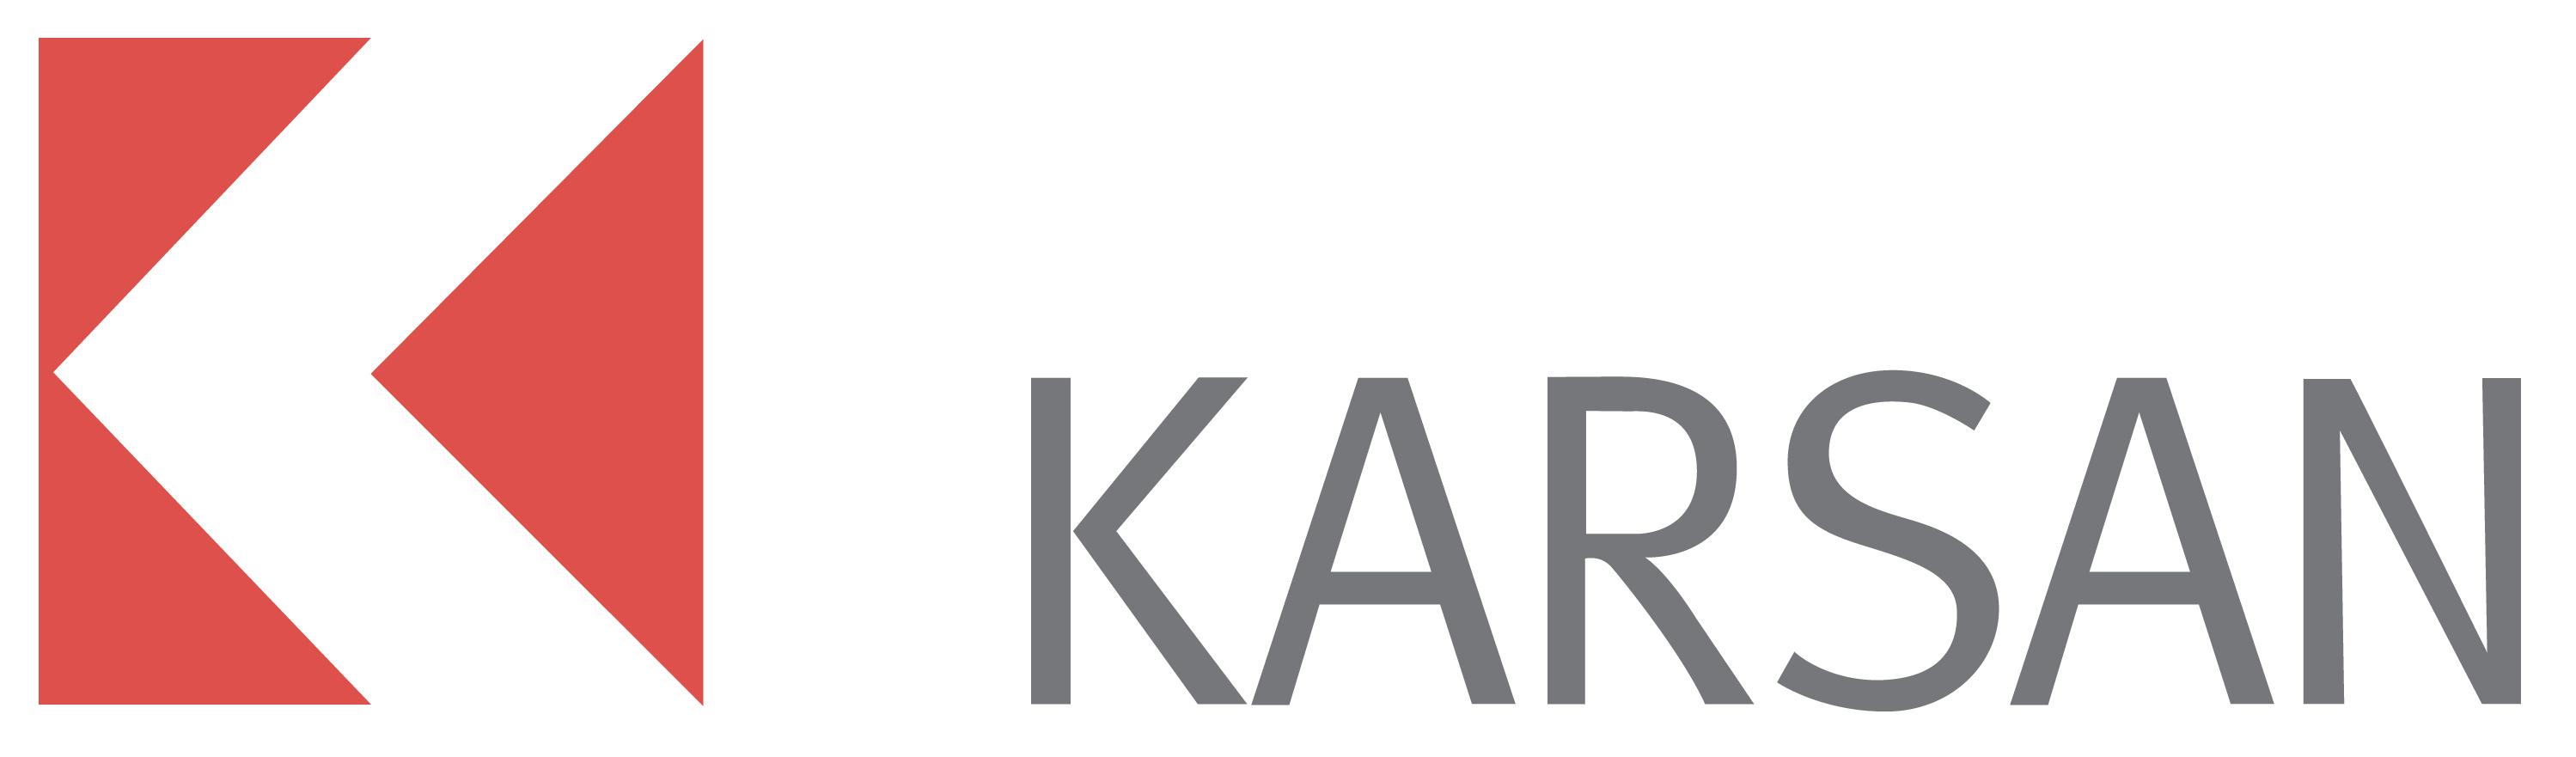 Karsan_logo _AV_2020